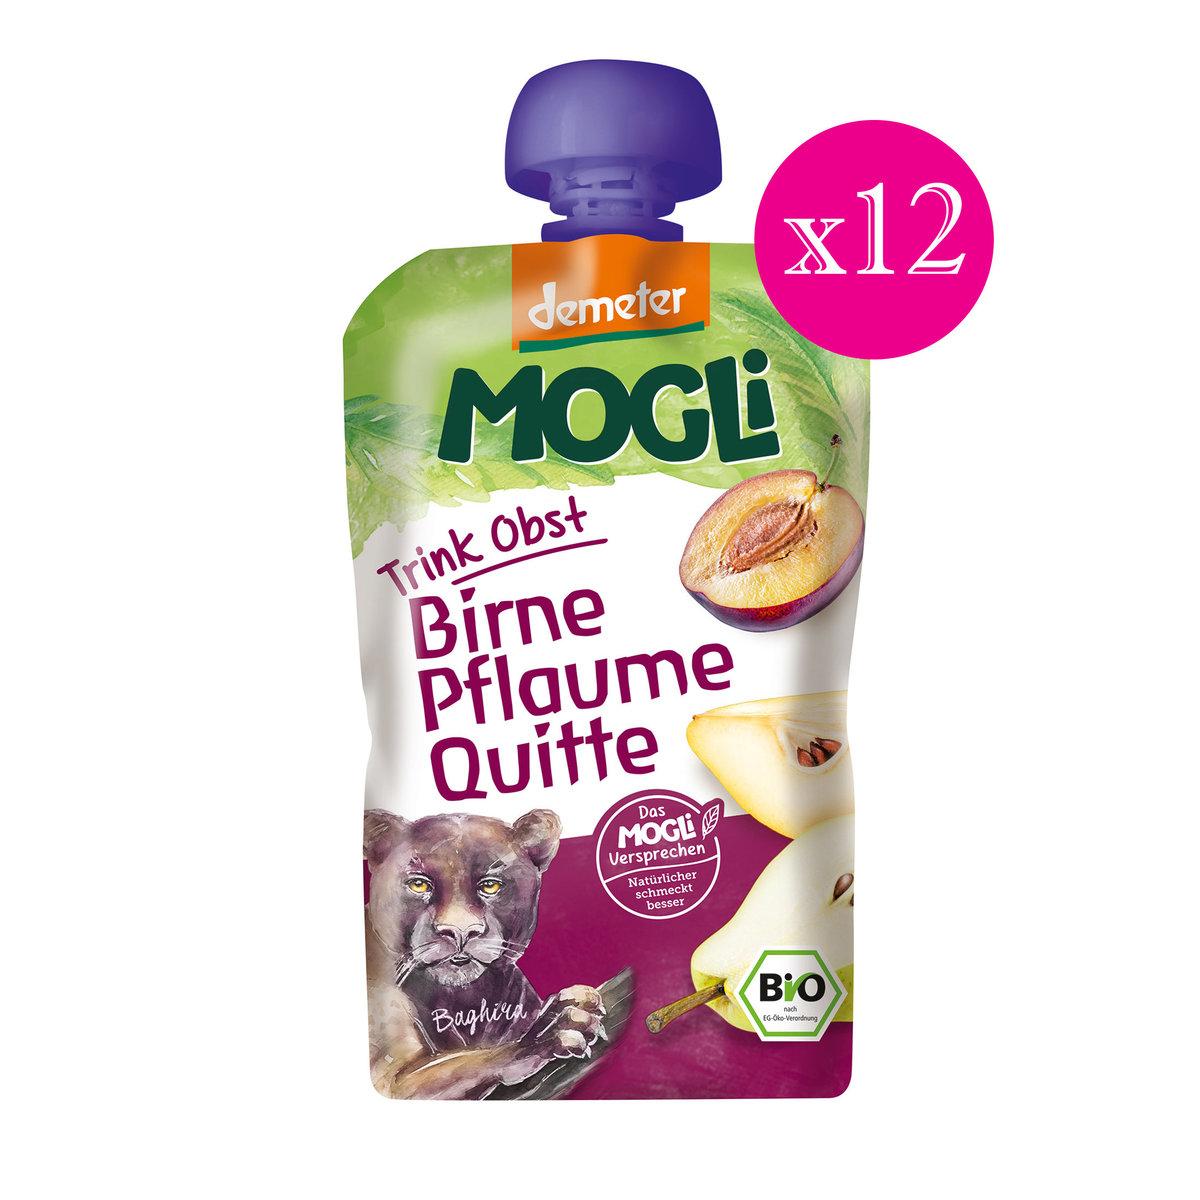 Mogli有機西梅果蓉-[促銷](最佳食用日期: 2020-10-28)